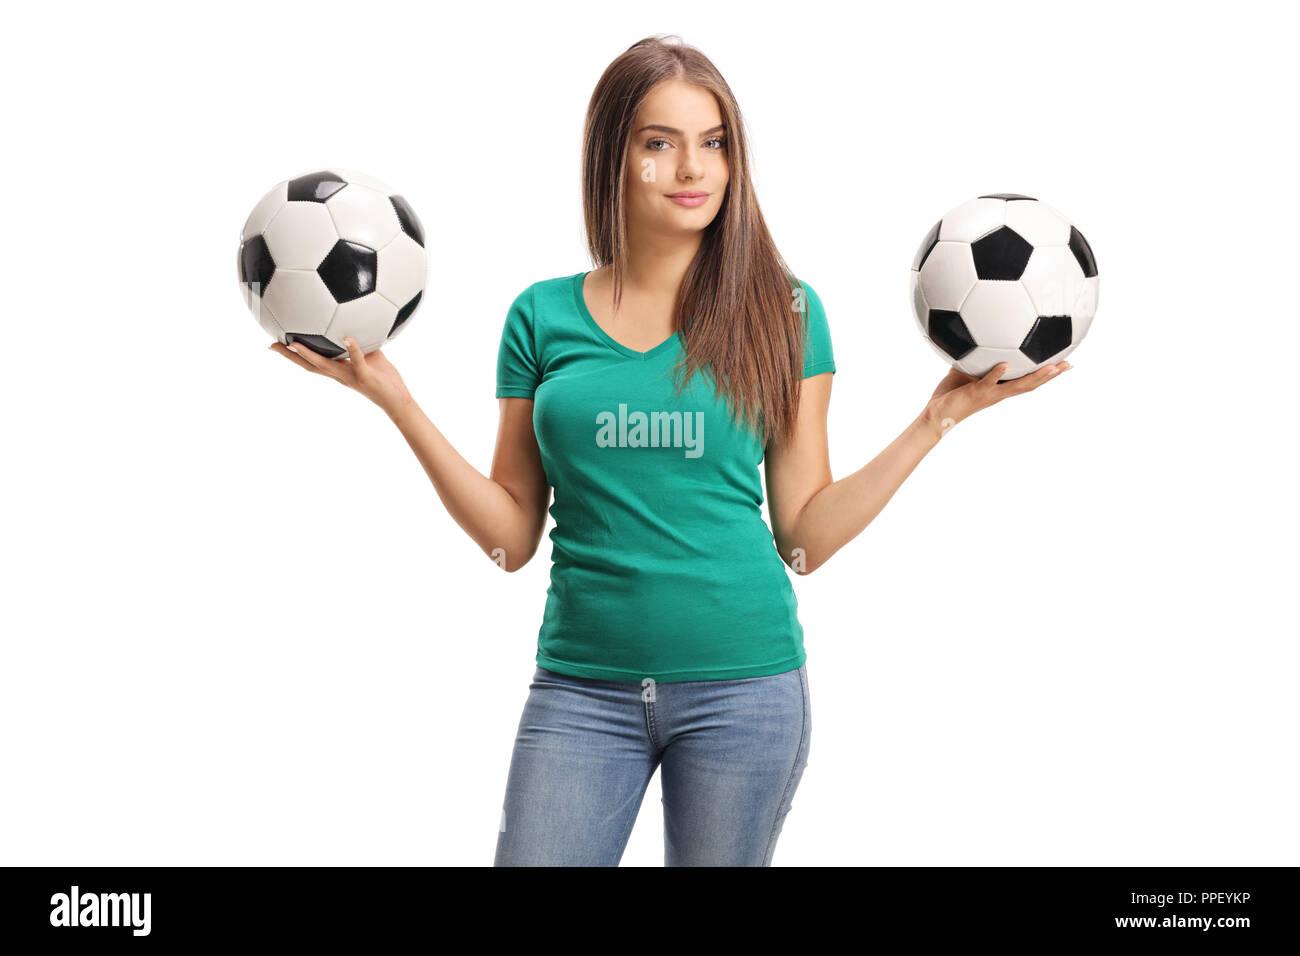 3aefb237db26c Hermosa joven sosteniendo dos balones de fútbol aislado sobre fondo blanco.  Imagen De Stock